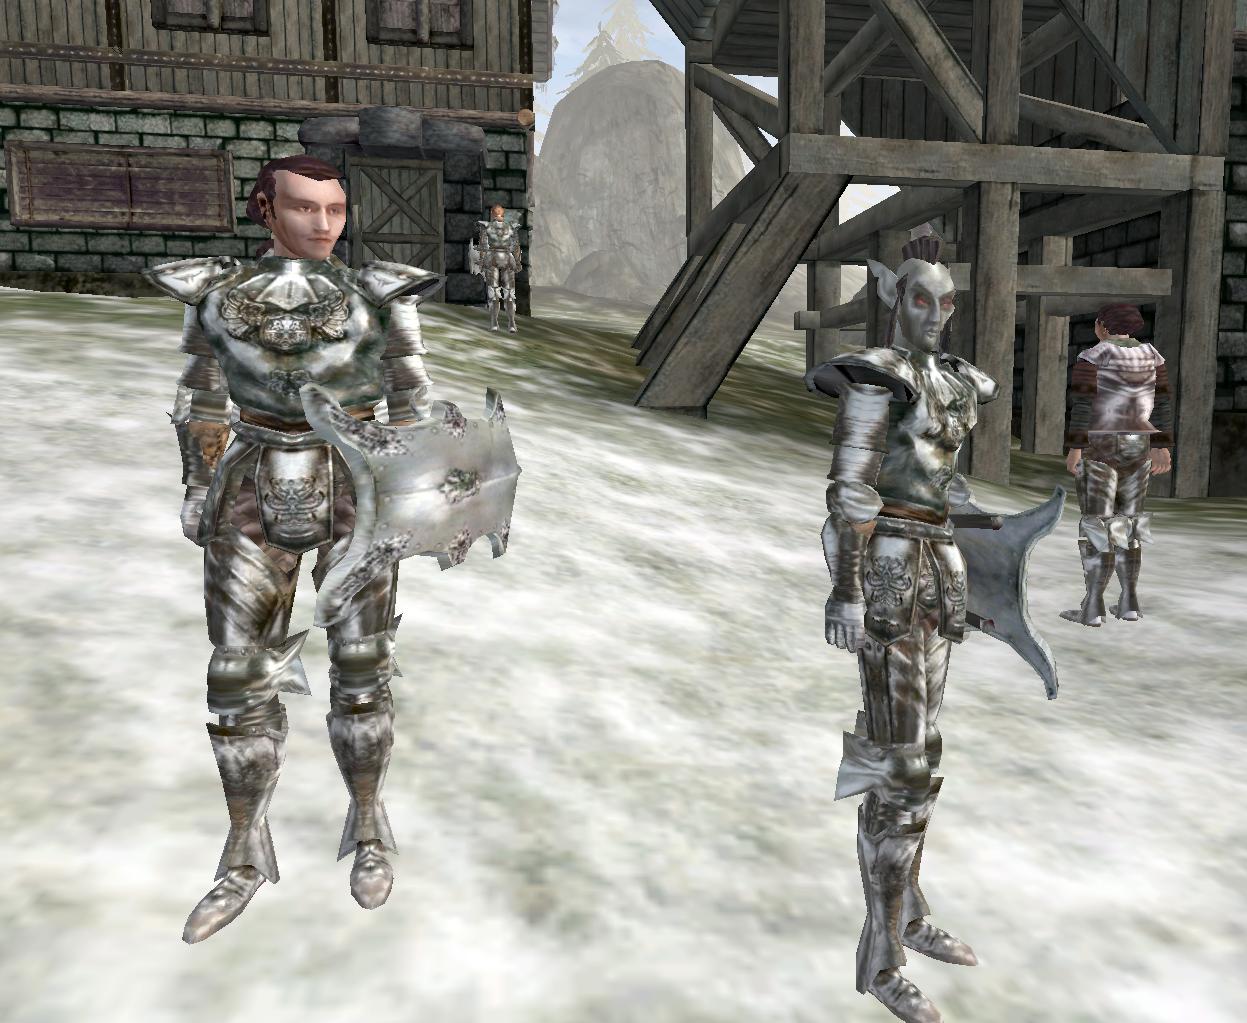 Hiring Guards